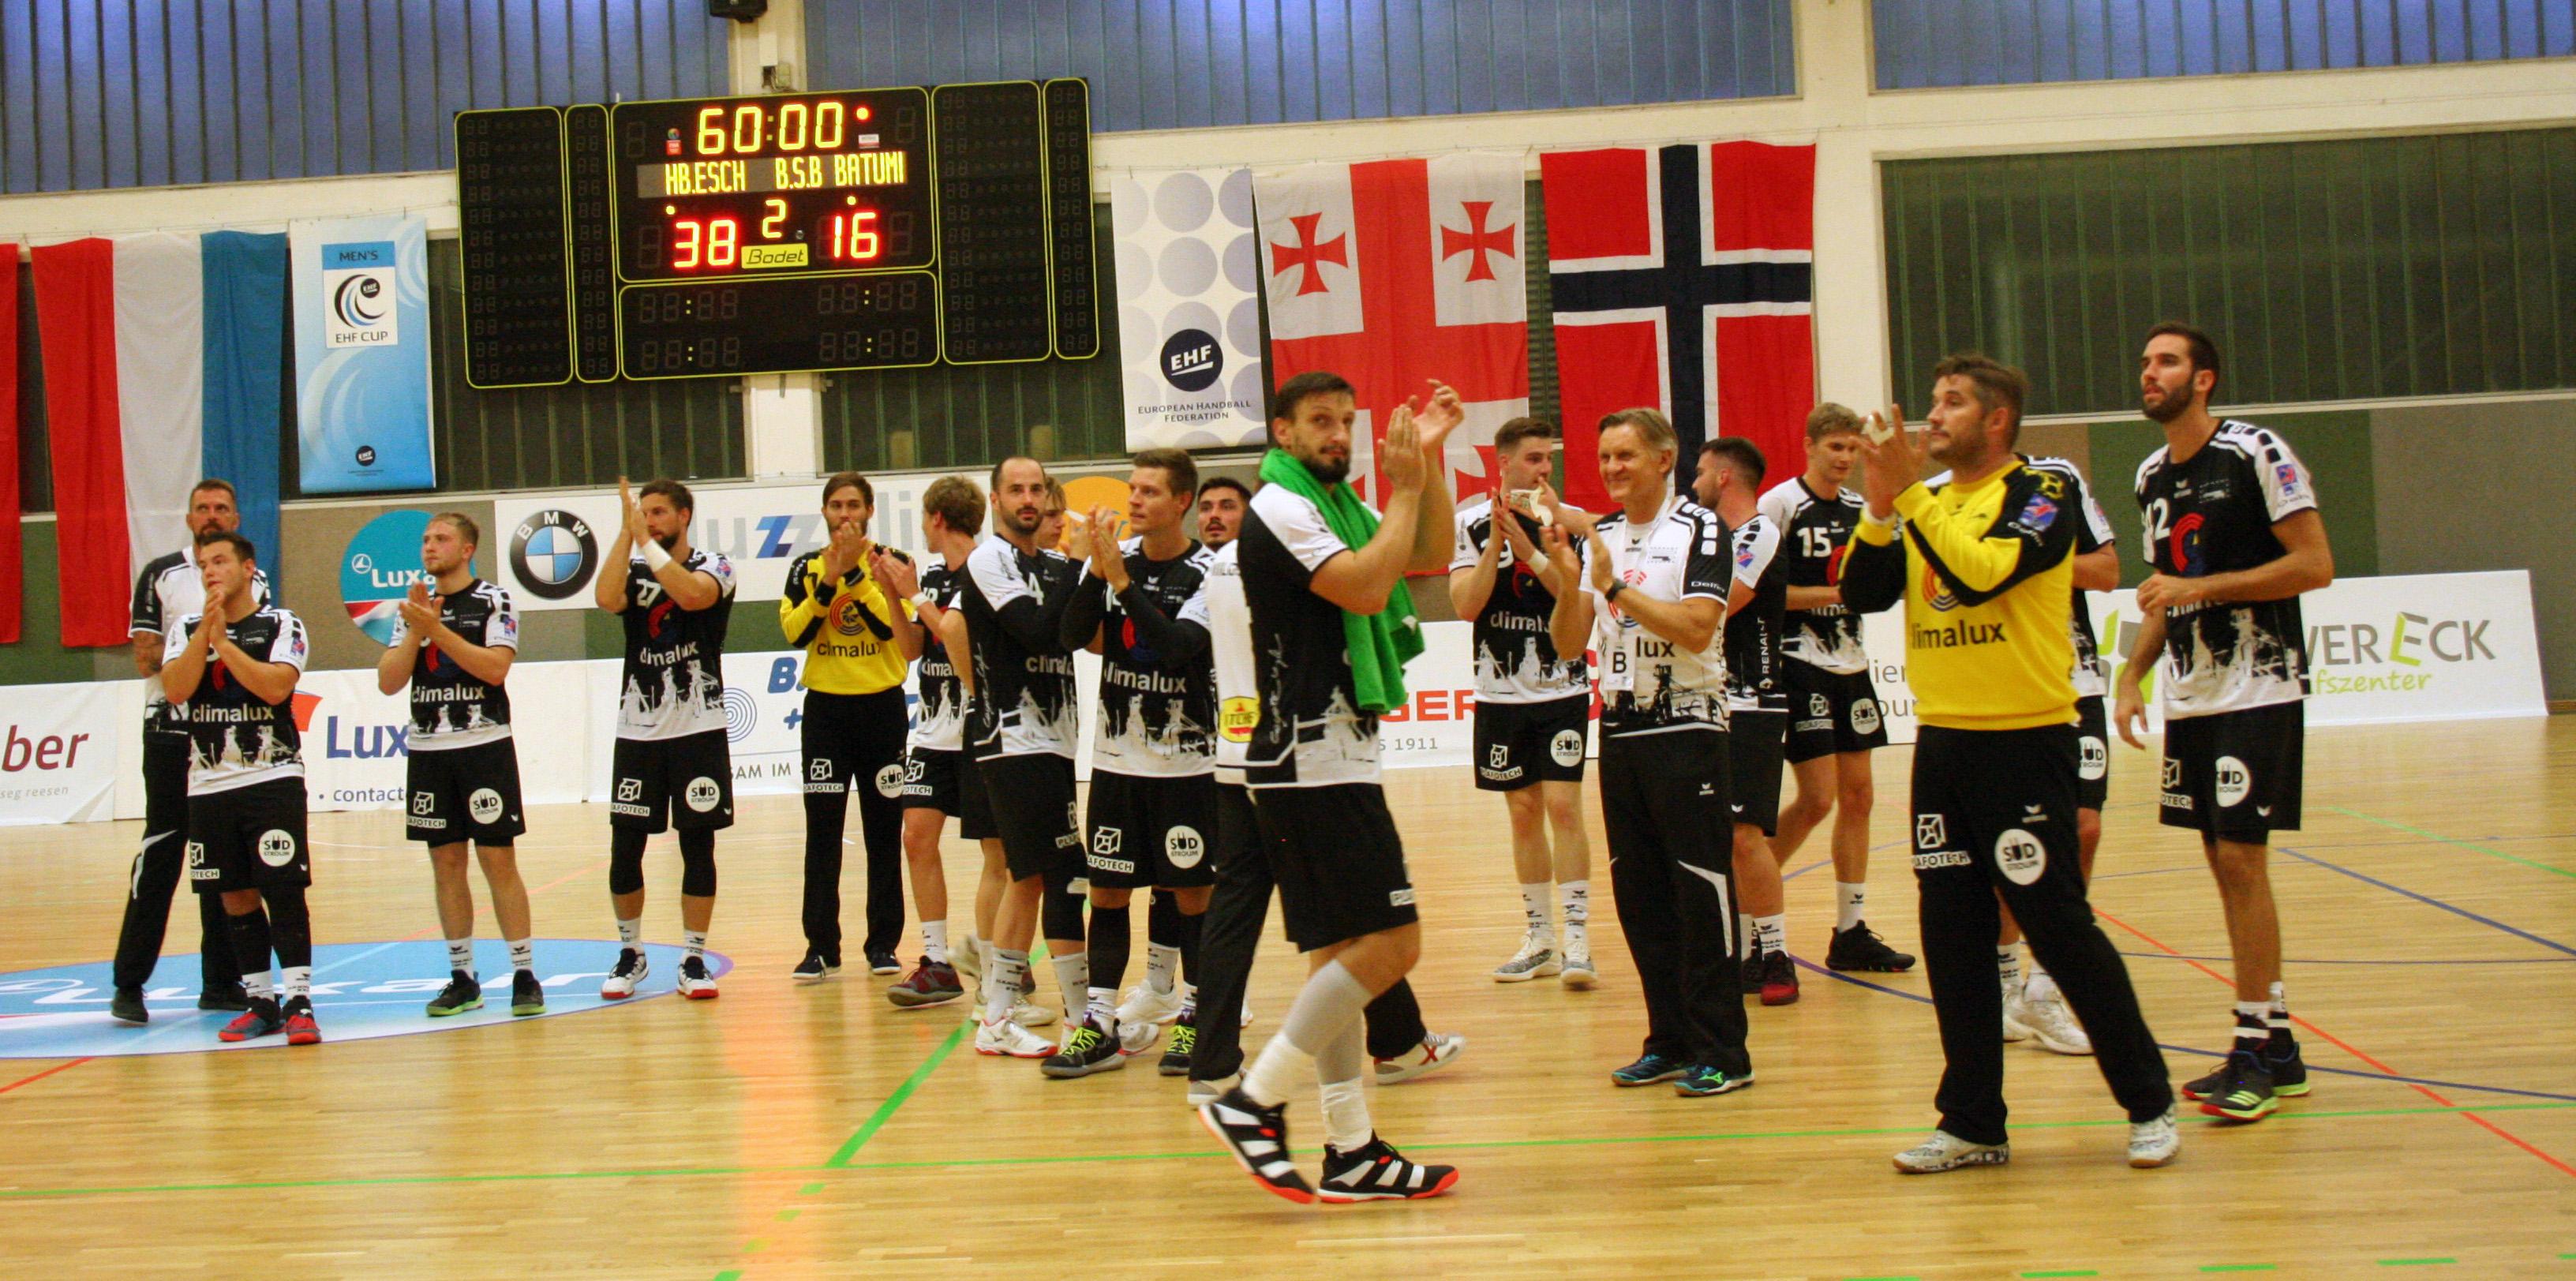 Eis Hären iwwerrennen BSB Batumi mat 38-16 an der 1. Ronn vum EHF-Cup